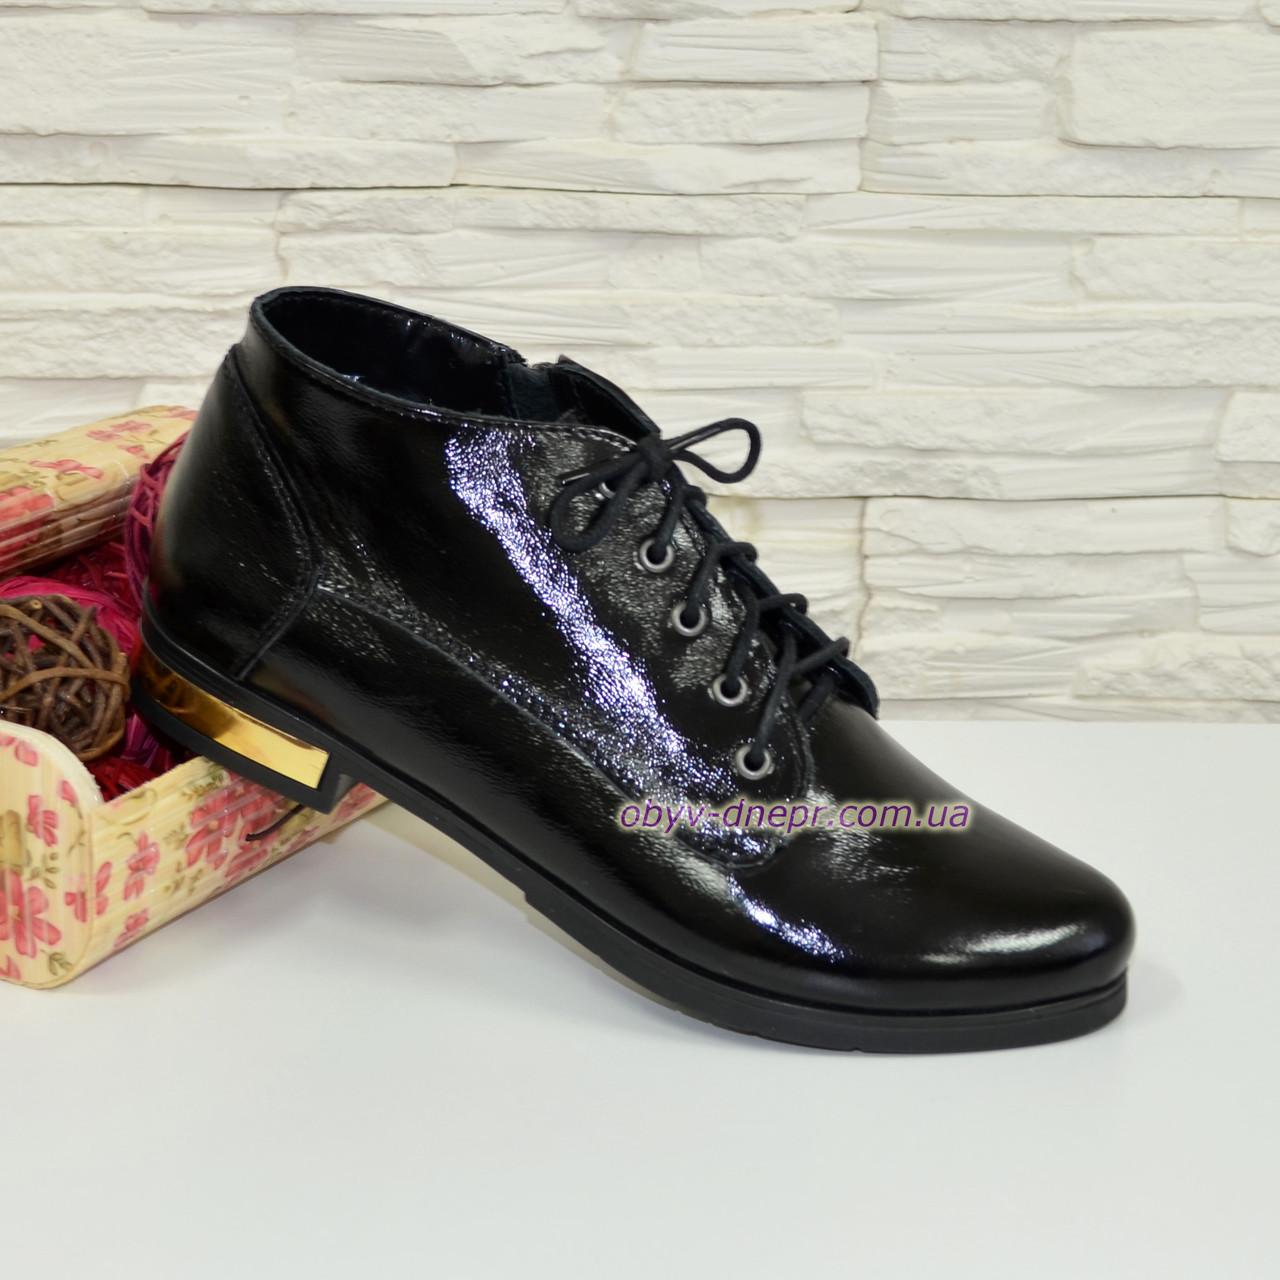 Стильные женские лаковые ботинки, внутри  .